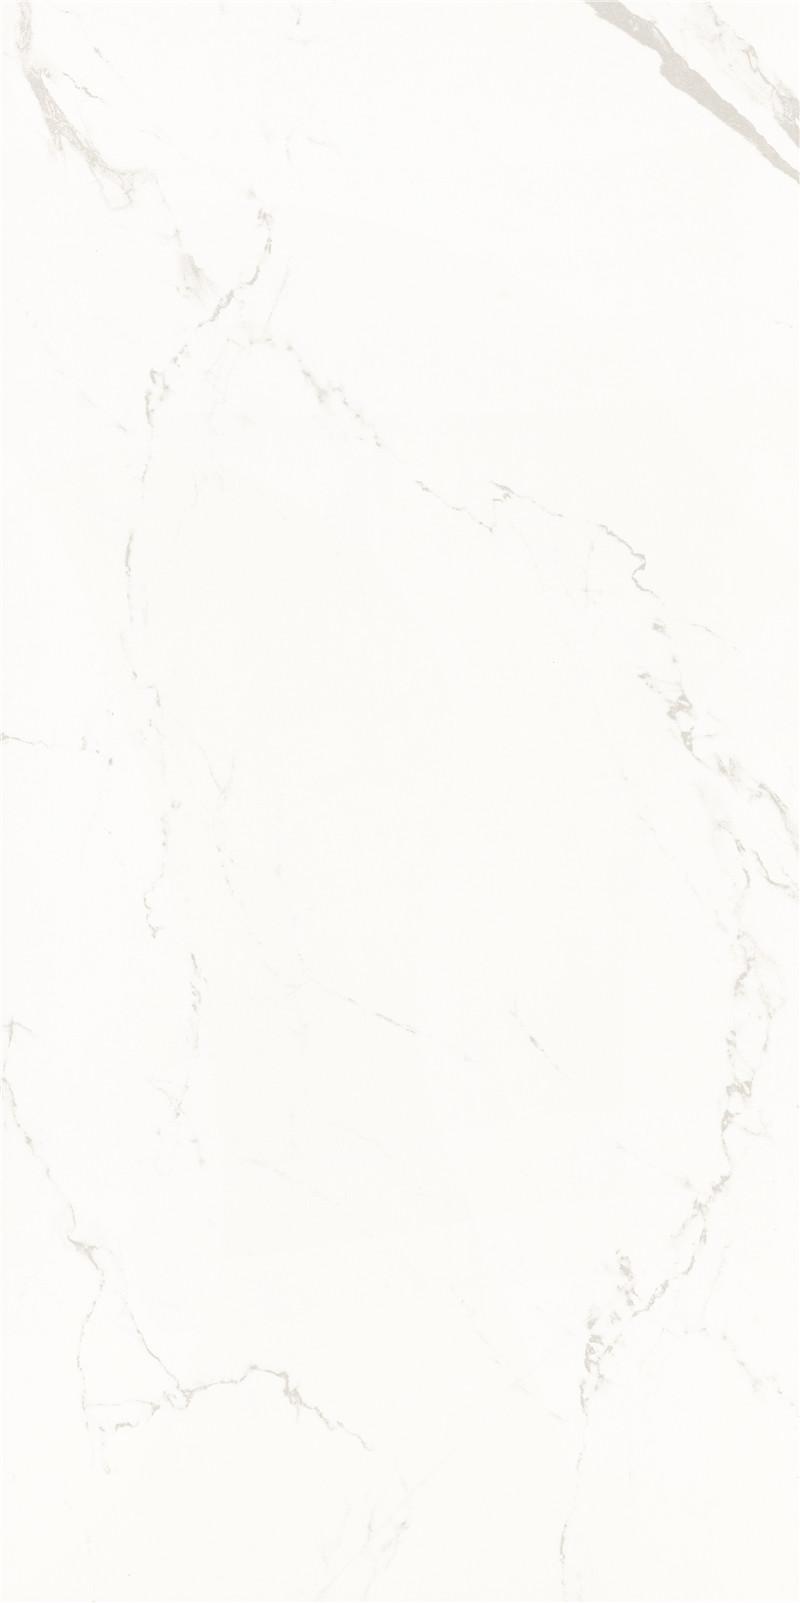 C121J371P-2